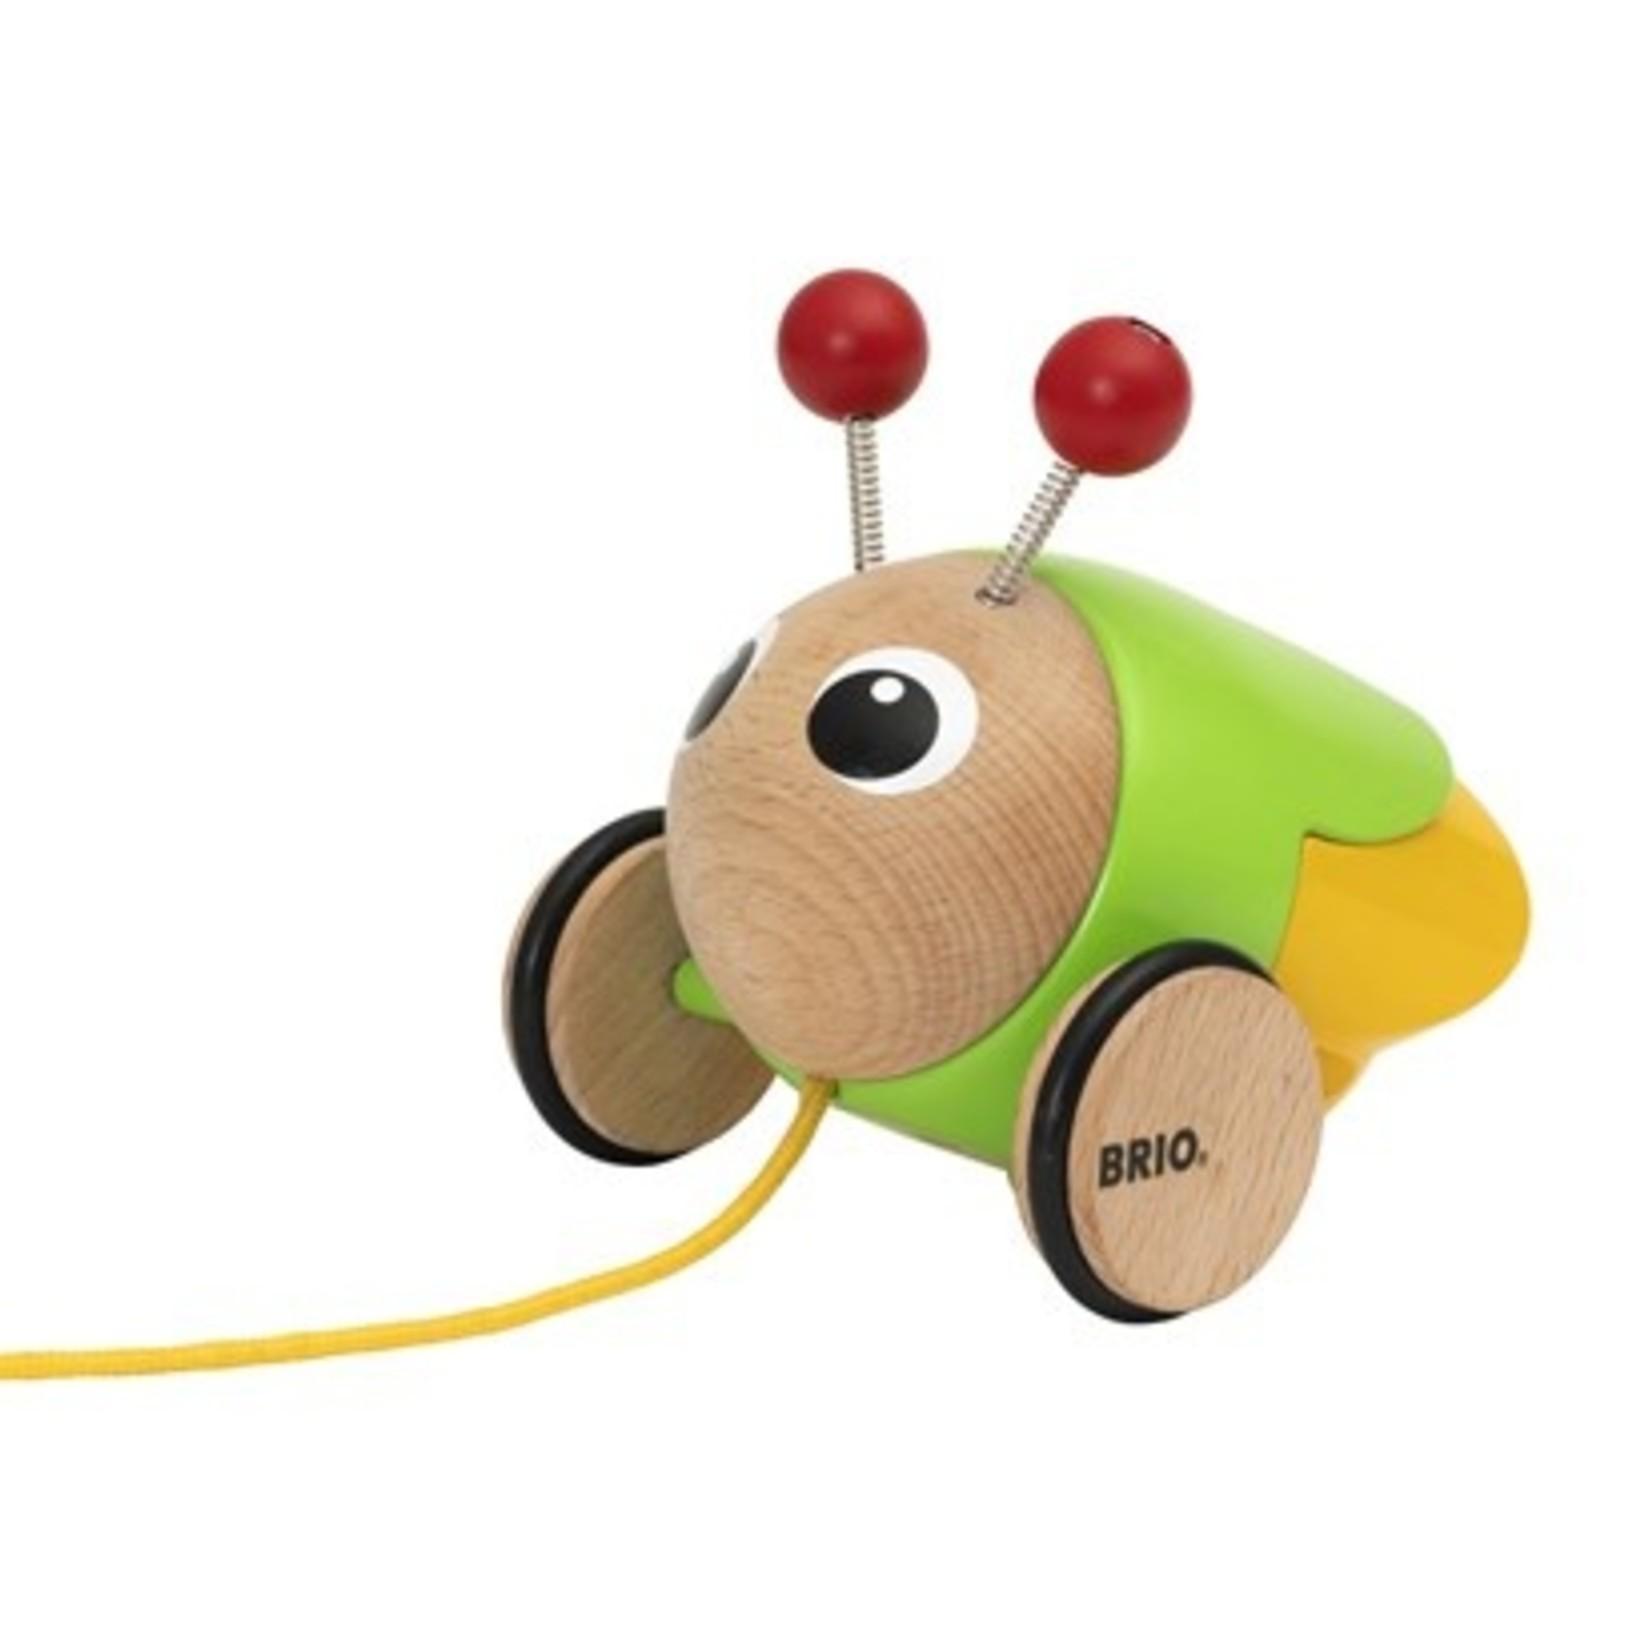 Brio Brio - Luciole avec son et lumières à tirer